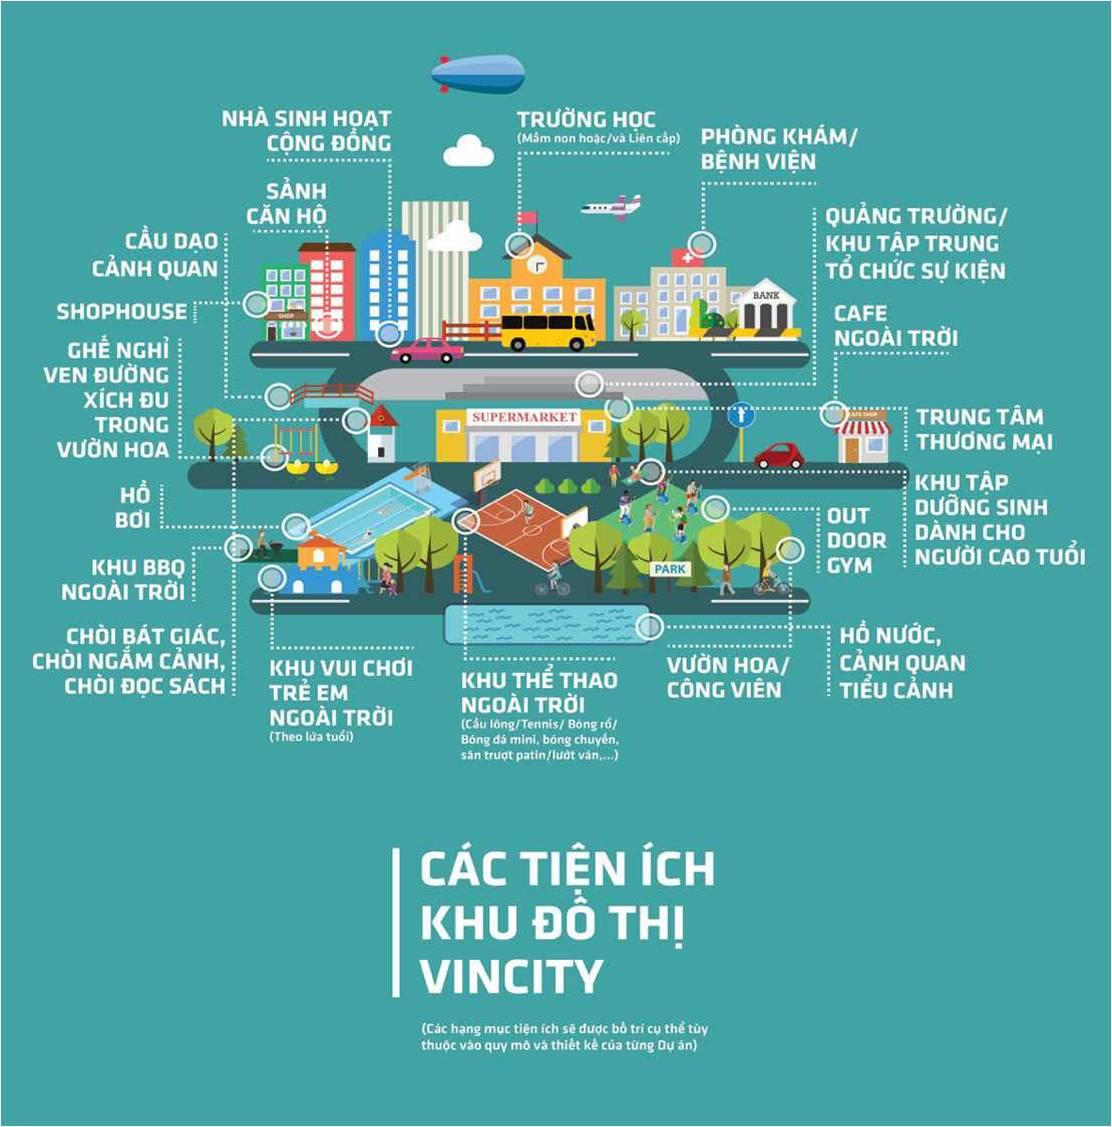 Vincity-tien-ich